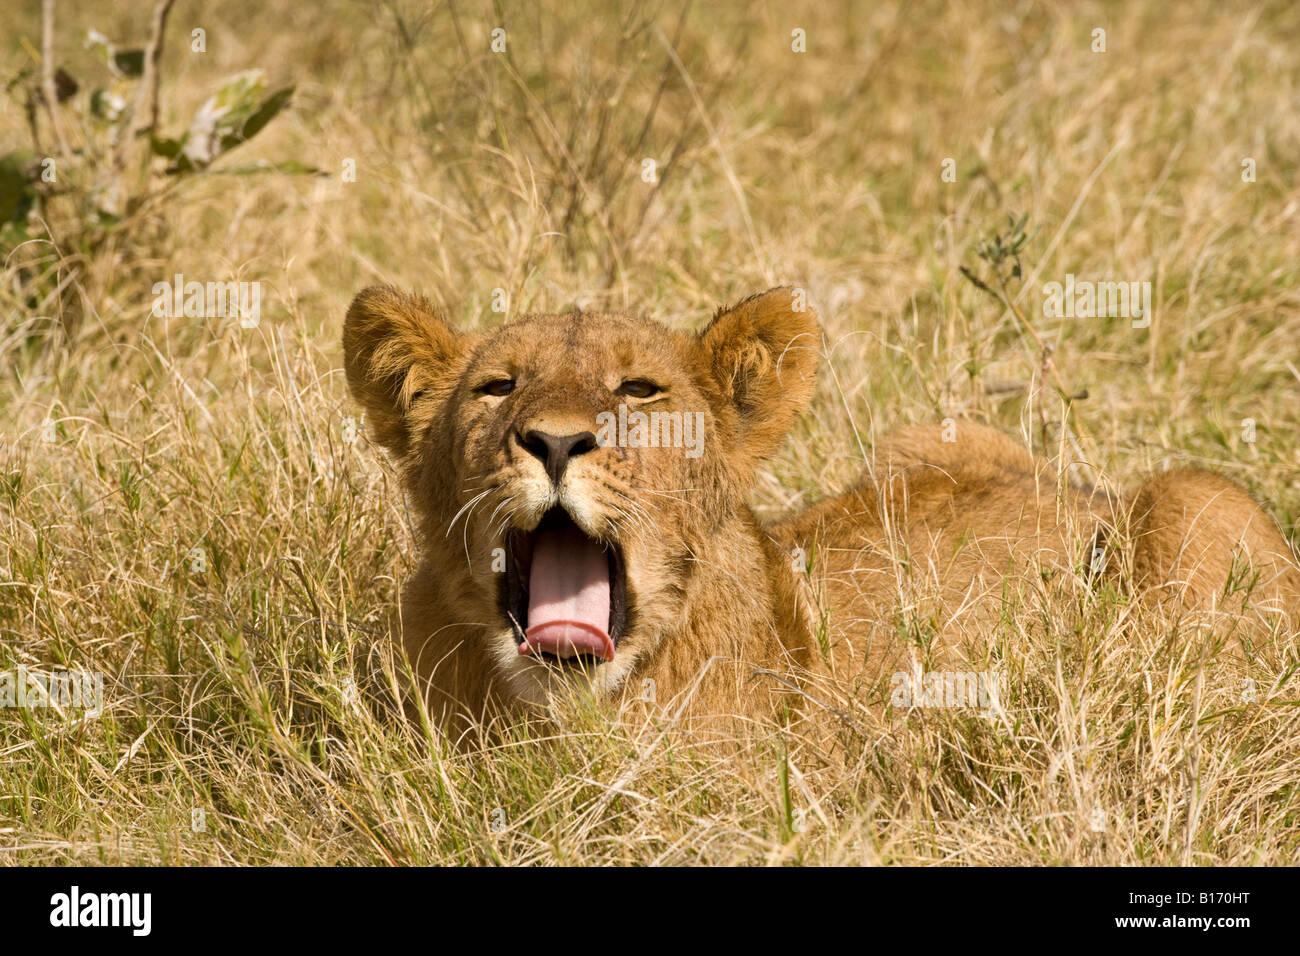 Closeup lindo gracioso cachorro de león bostezando boca abierta amplia lengua fuera tumbado en el cálido sol en pasto abierto hacia ver contacto ocular Okavango Botswana África Foto de stock